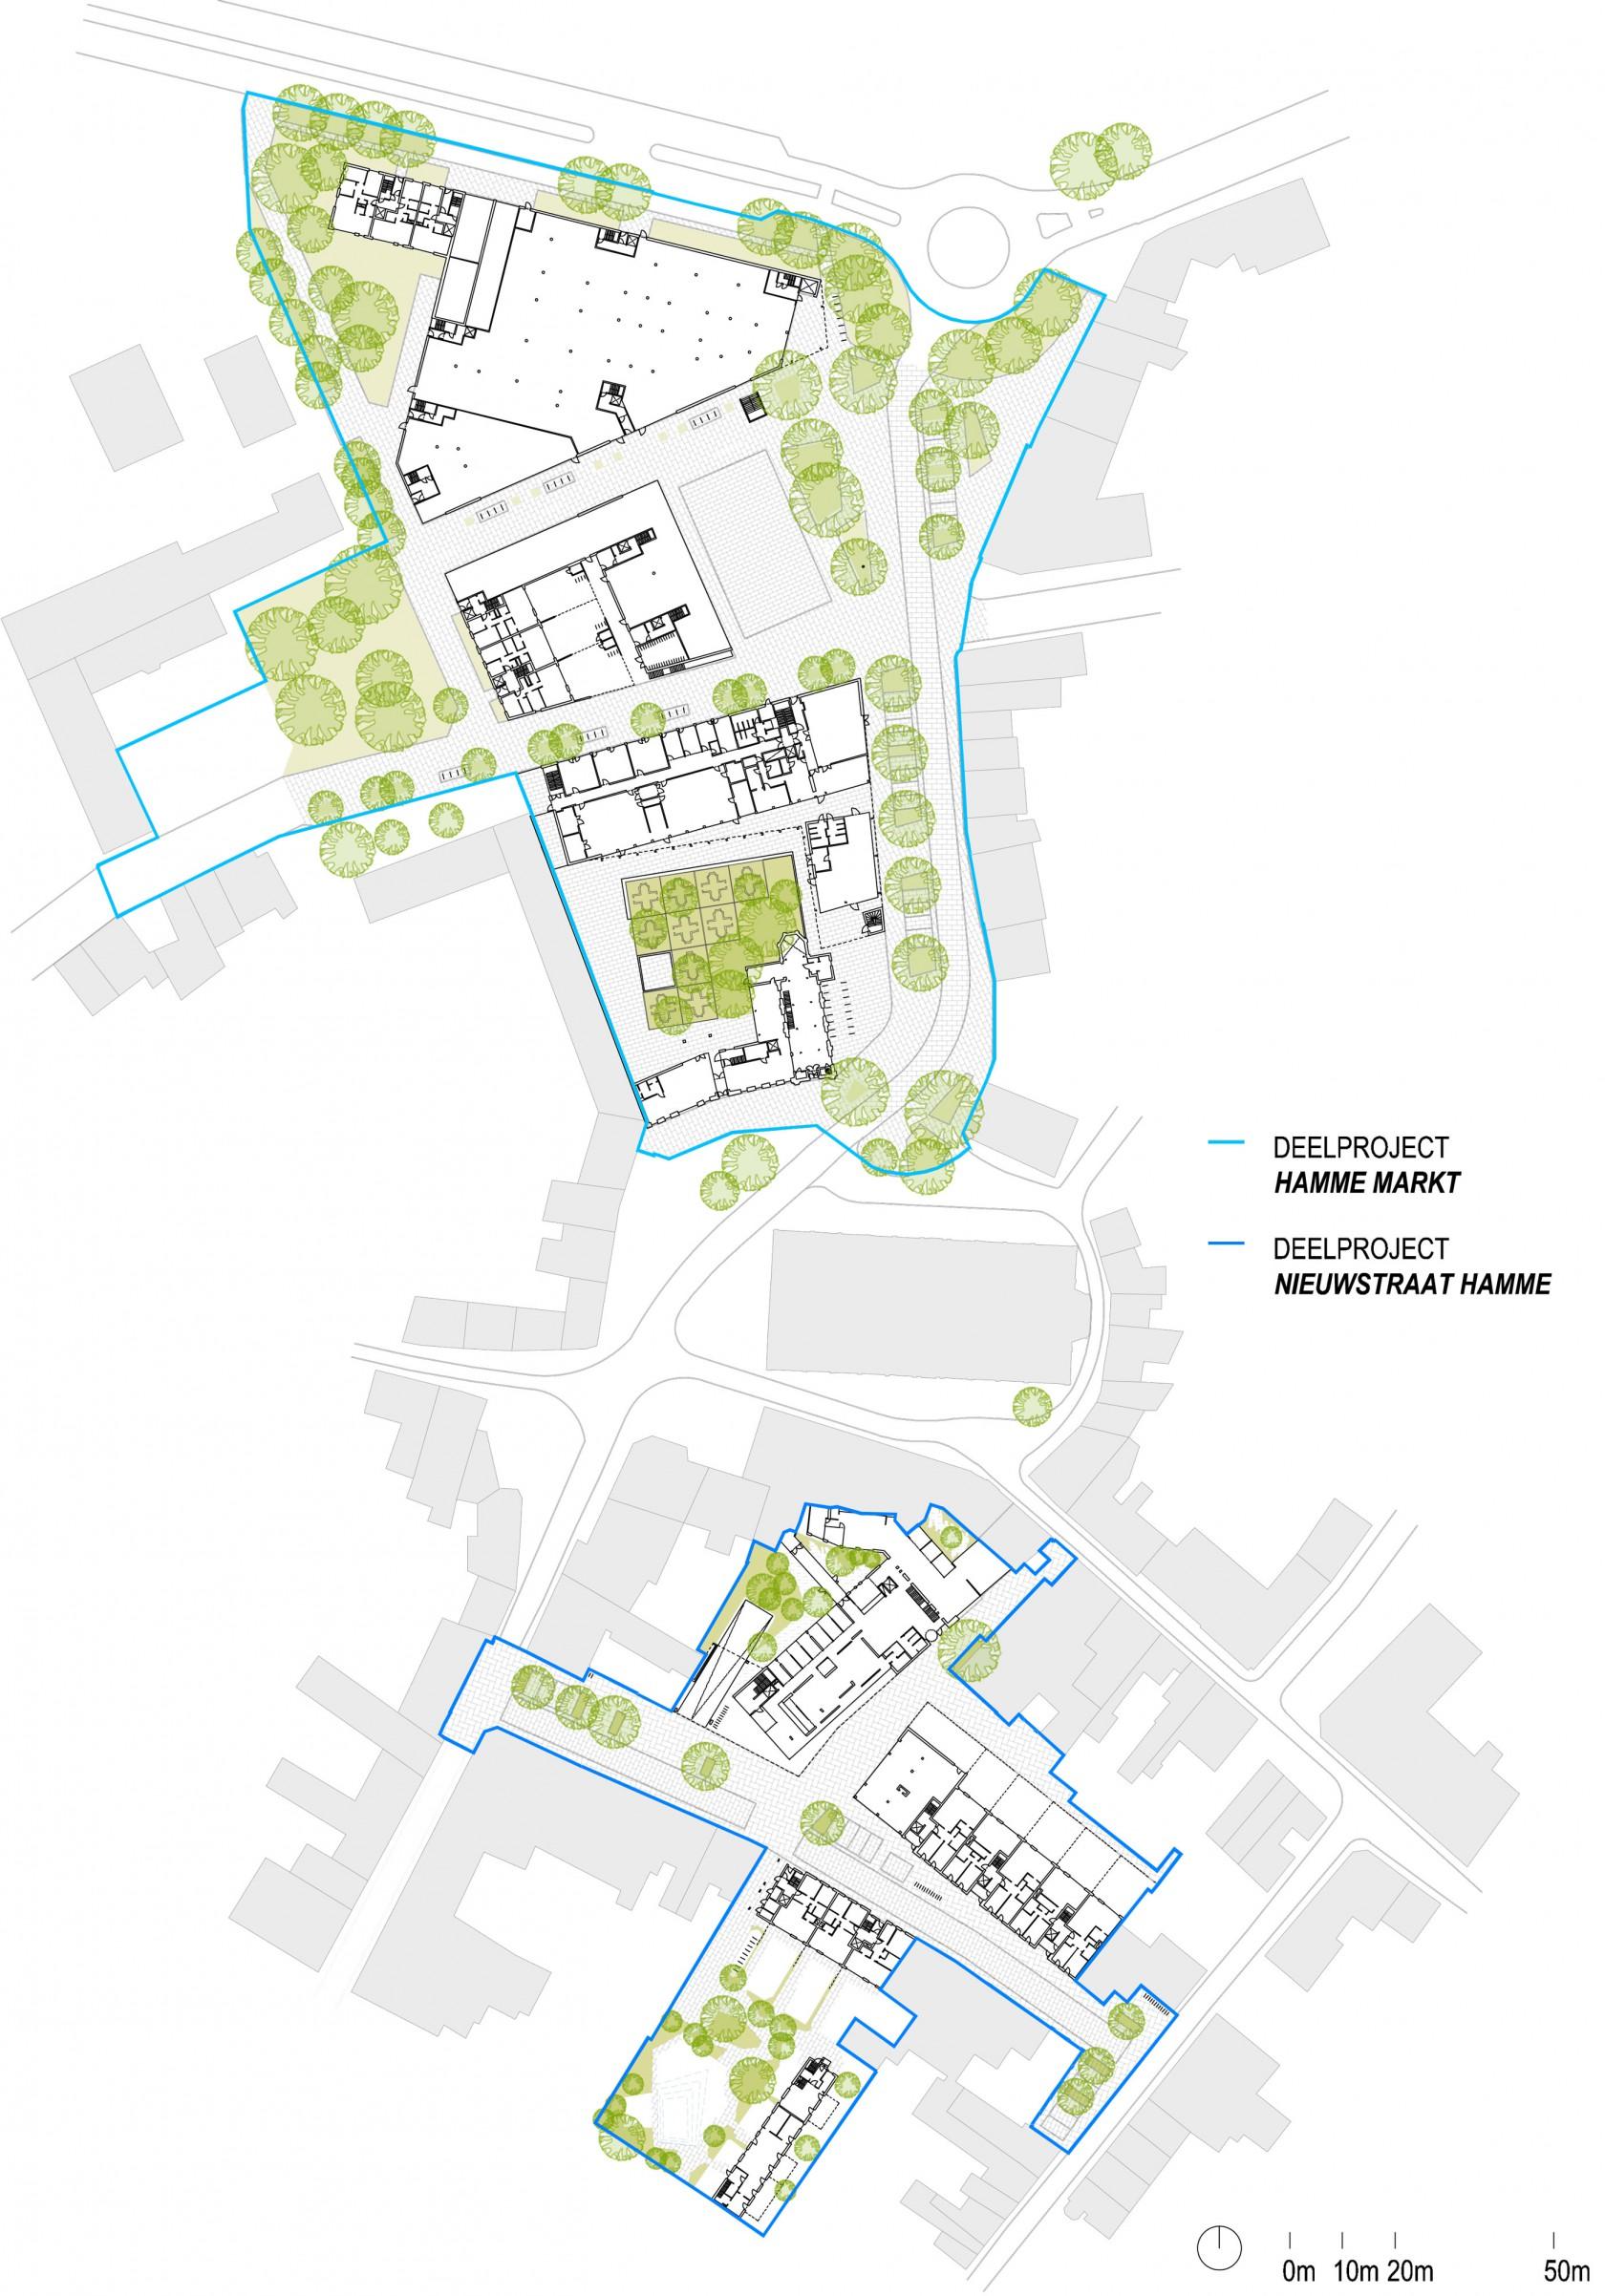 Abscis Architecten - inplanting deelprojecten Hamme 2020